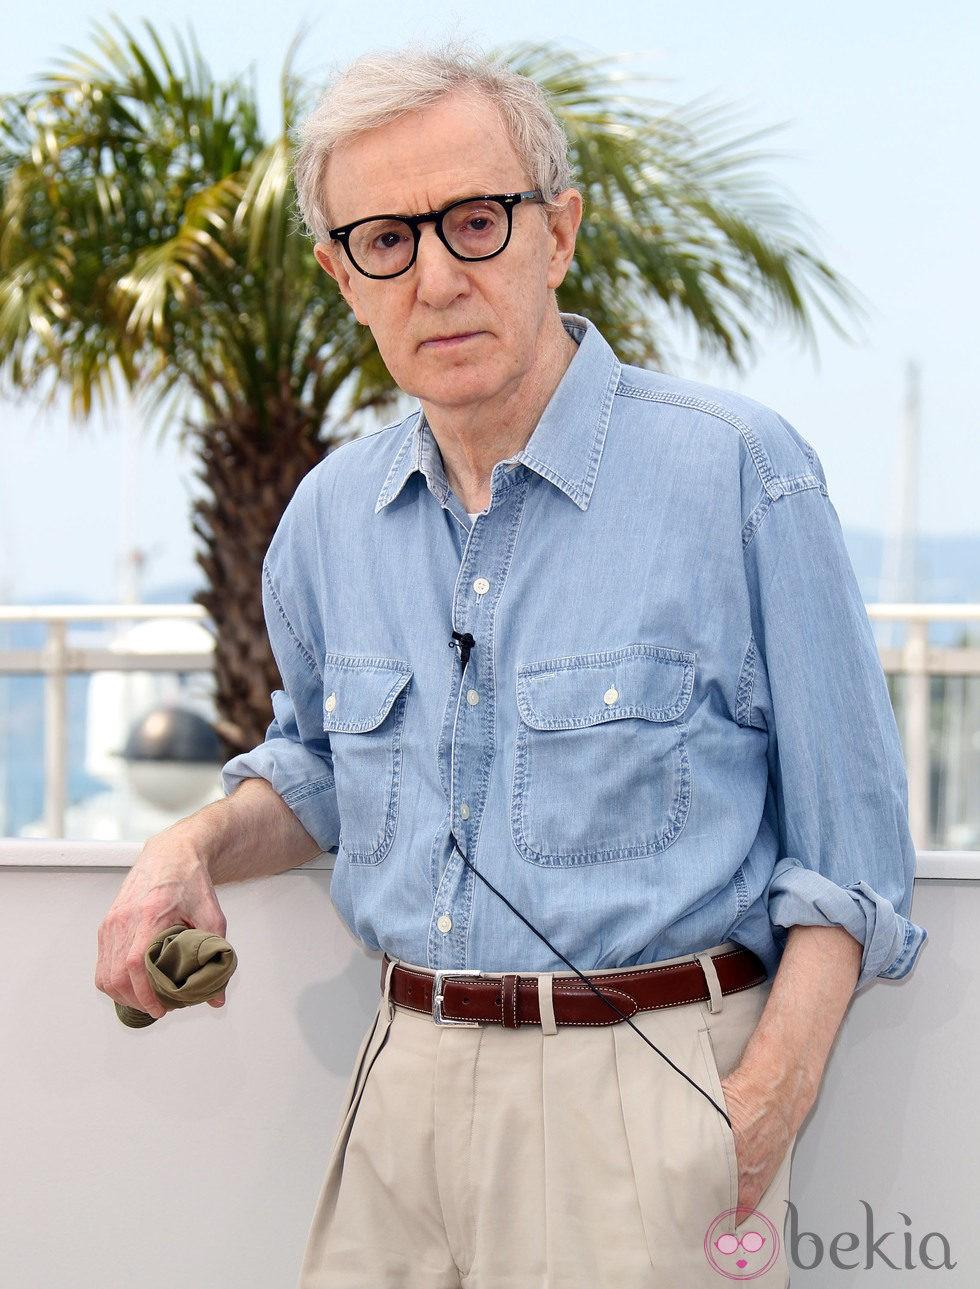 El director Woody Allen en el Festival de Cannes